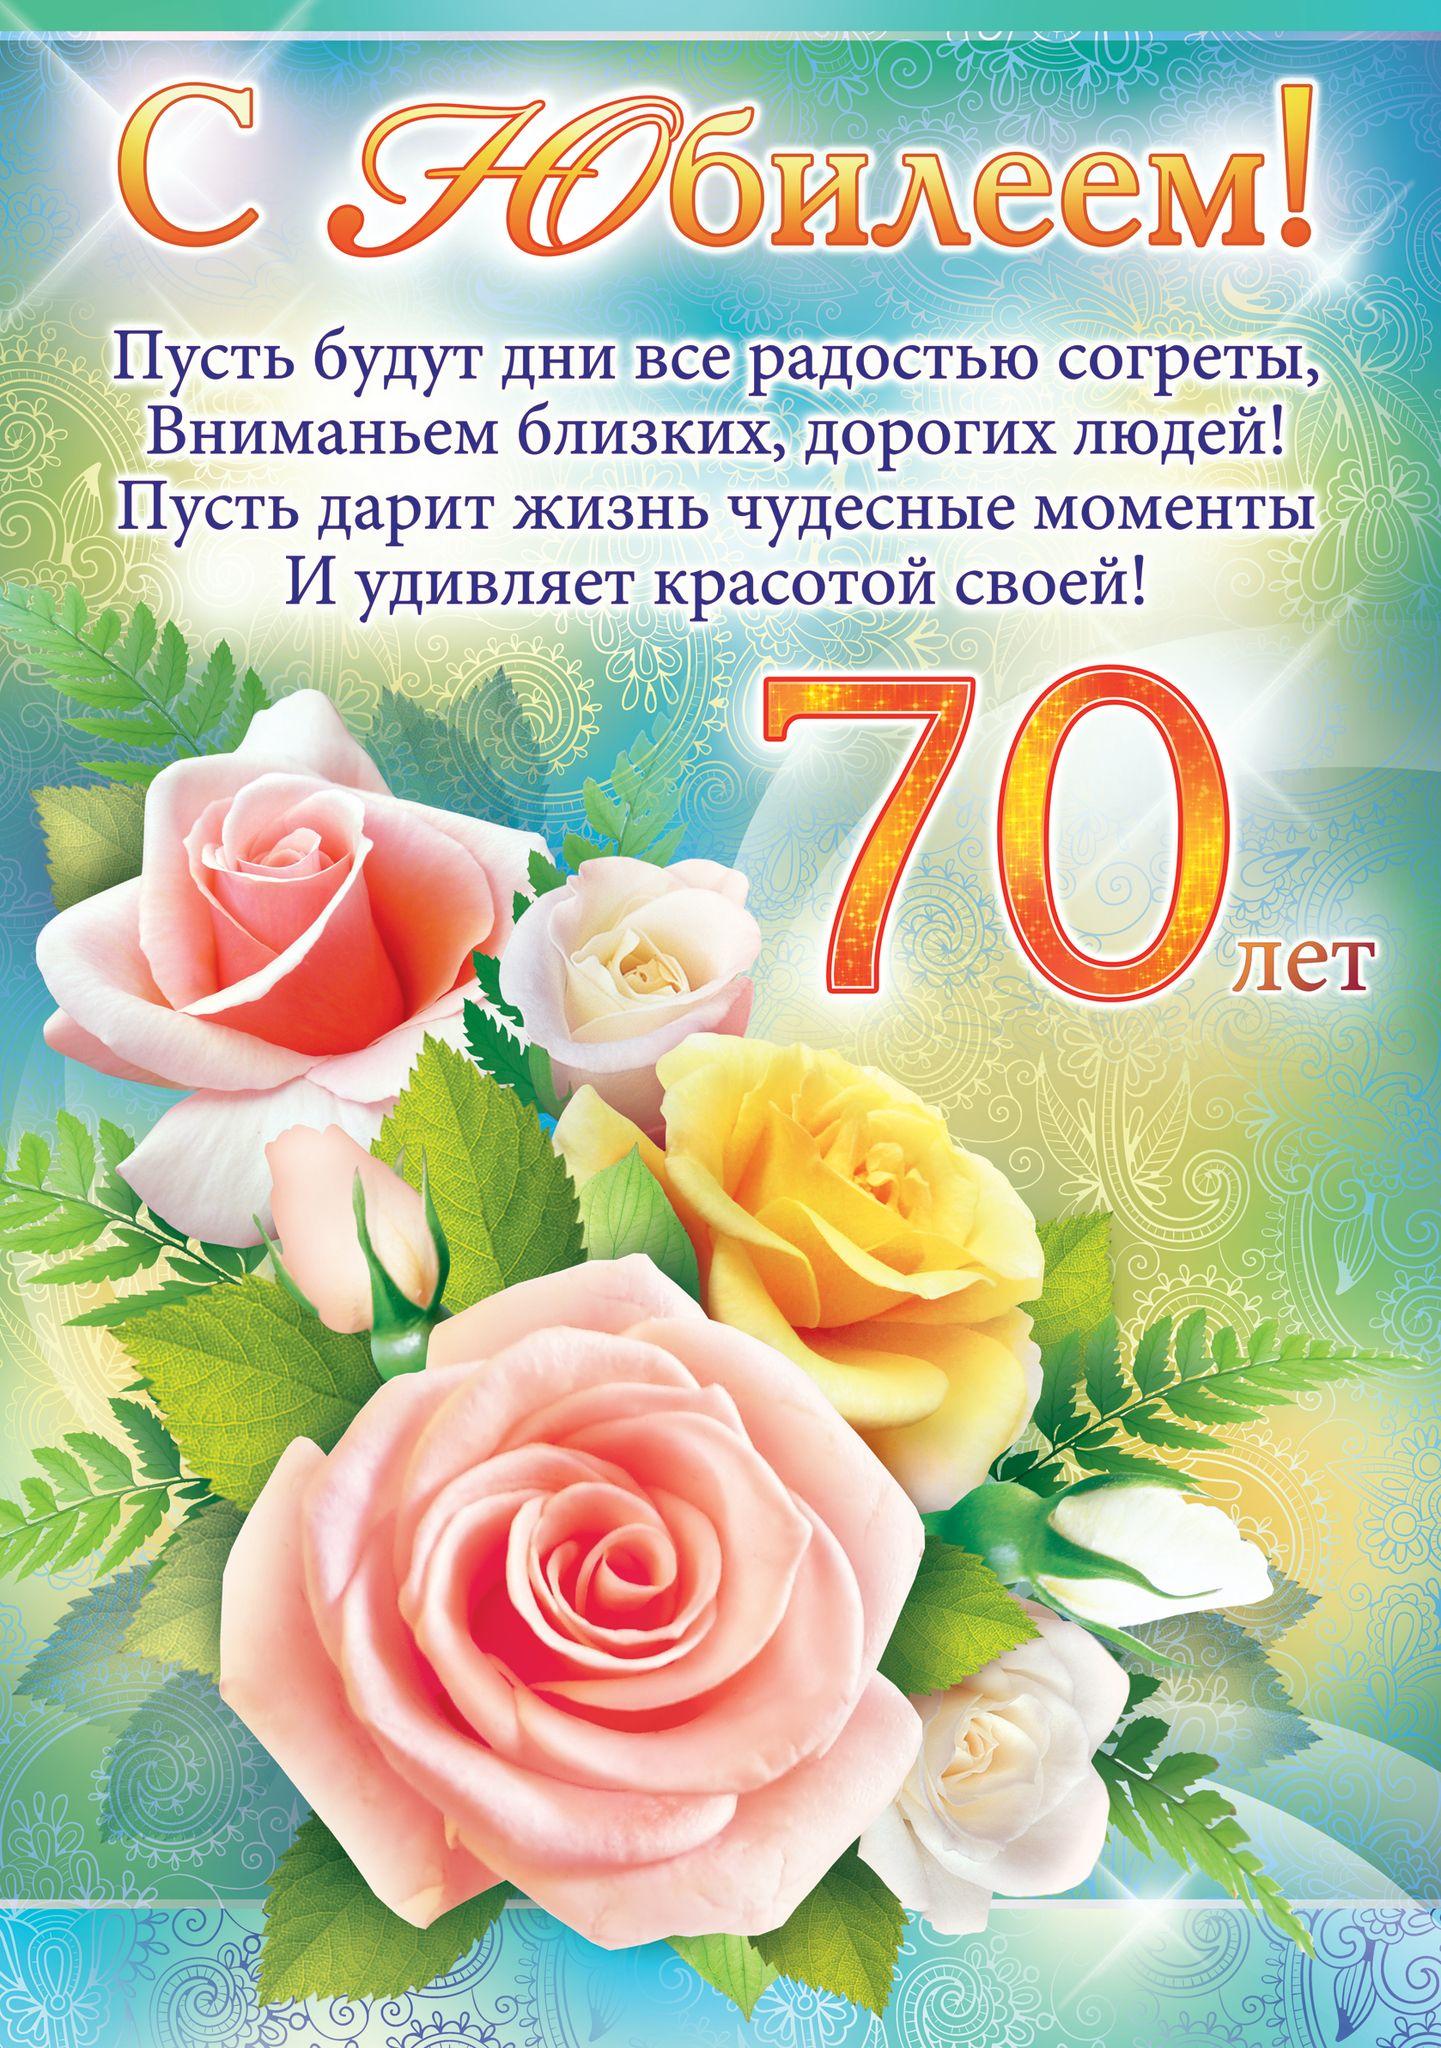 Поздравления с 70 летием коллеге женщине в стихах красивые